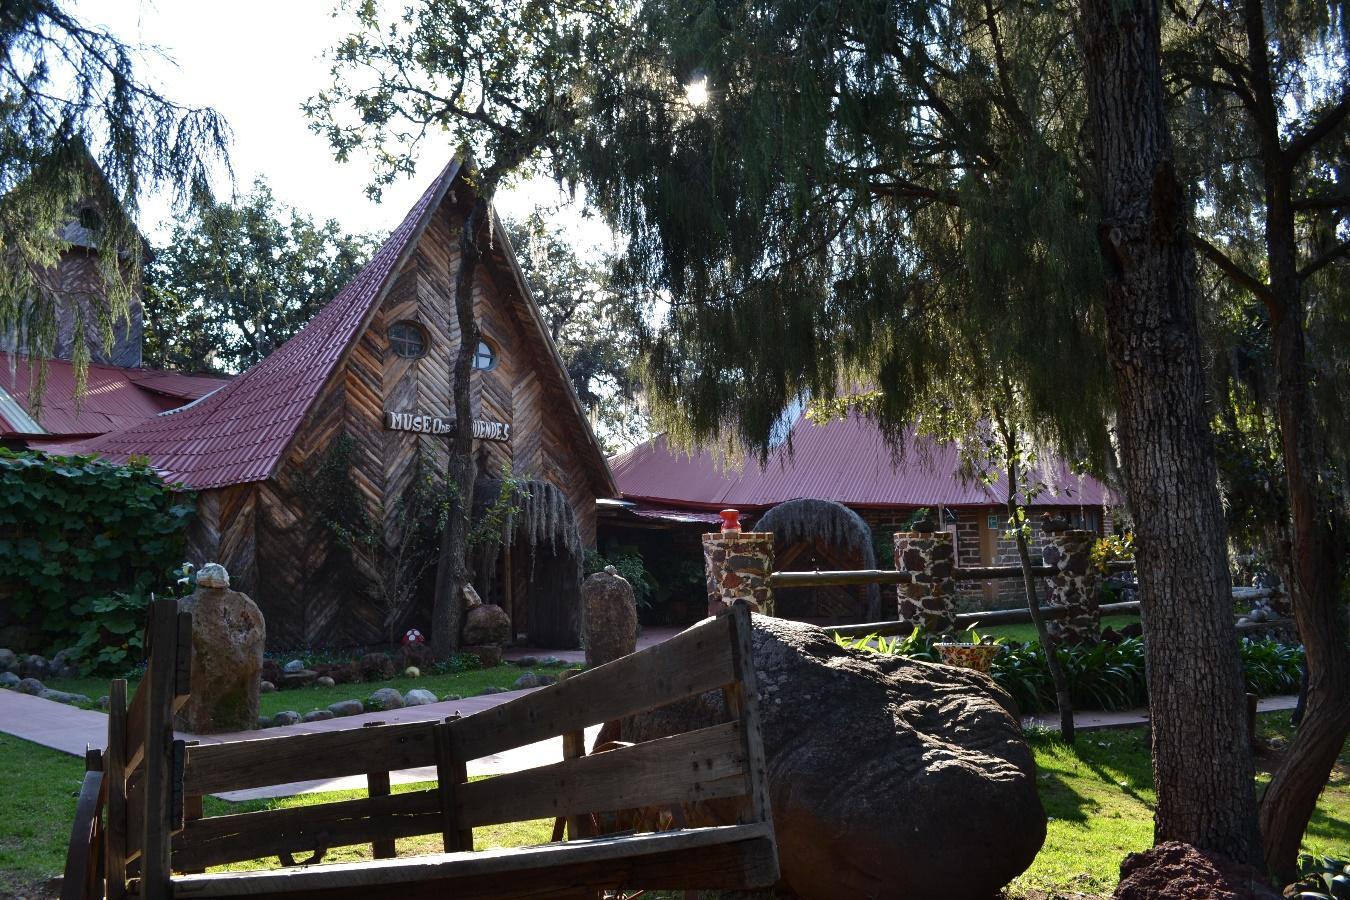 Una casa de madera en el bosque  Descripción generada automáticamente con confianza baja